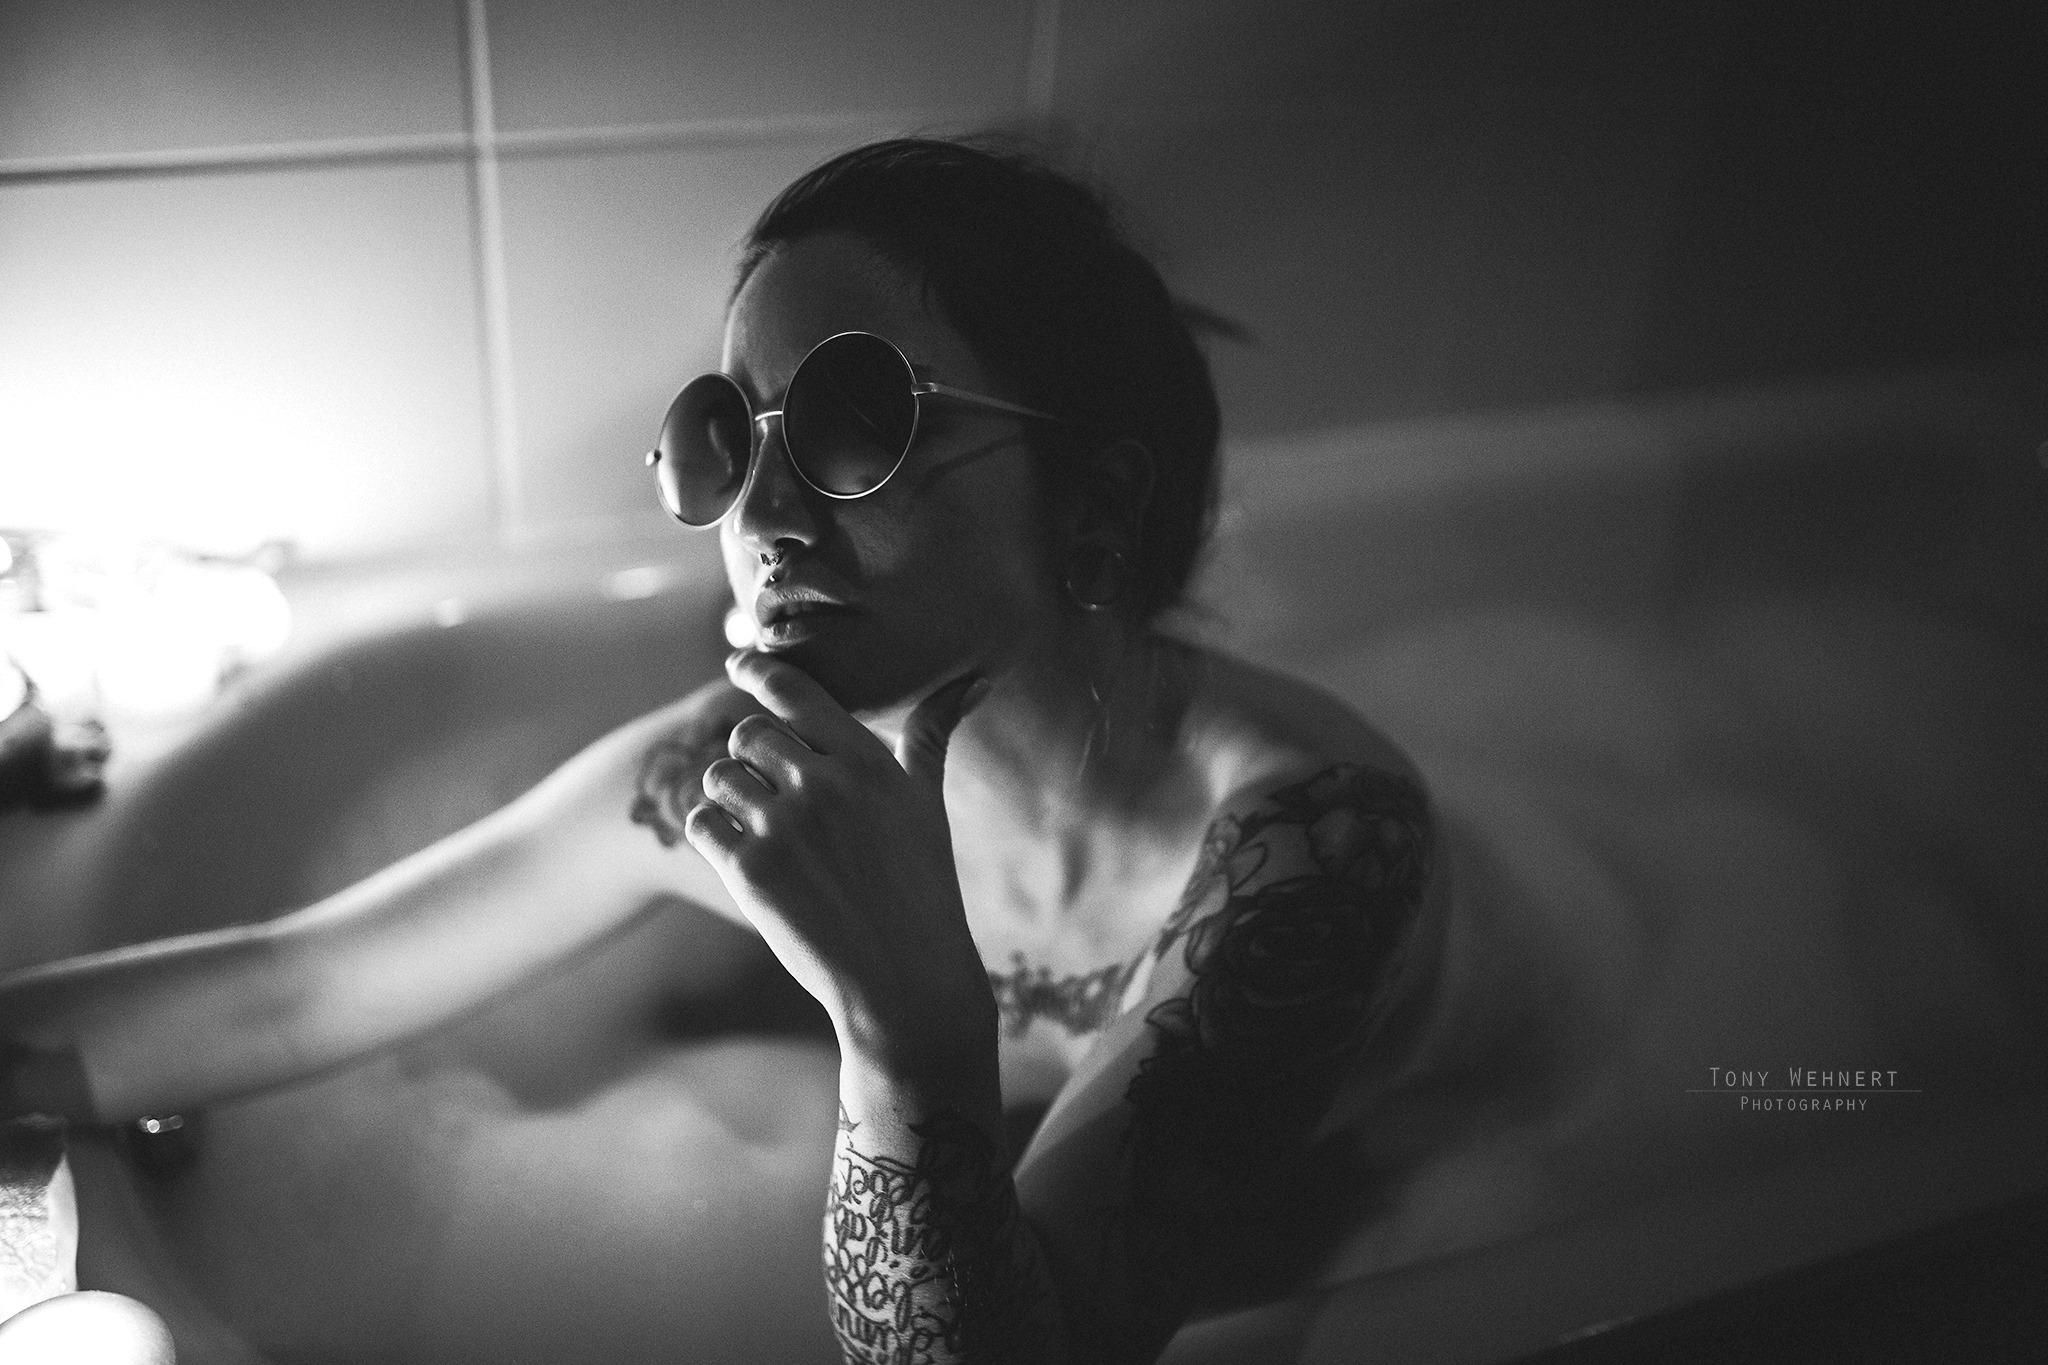 erotische Fotografie in der Badewanne